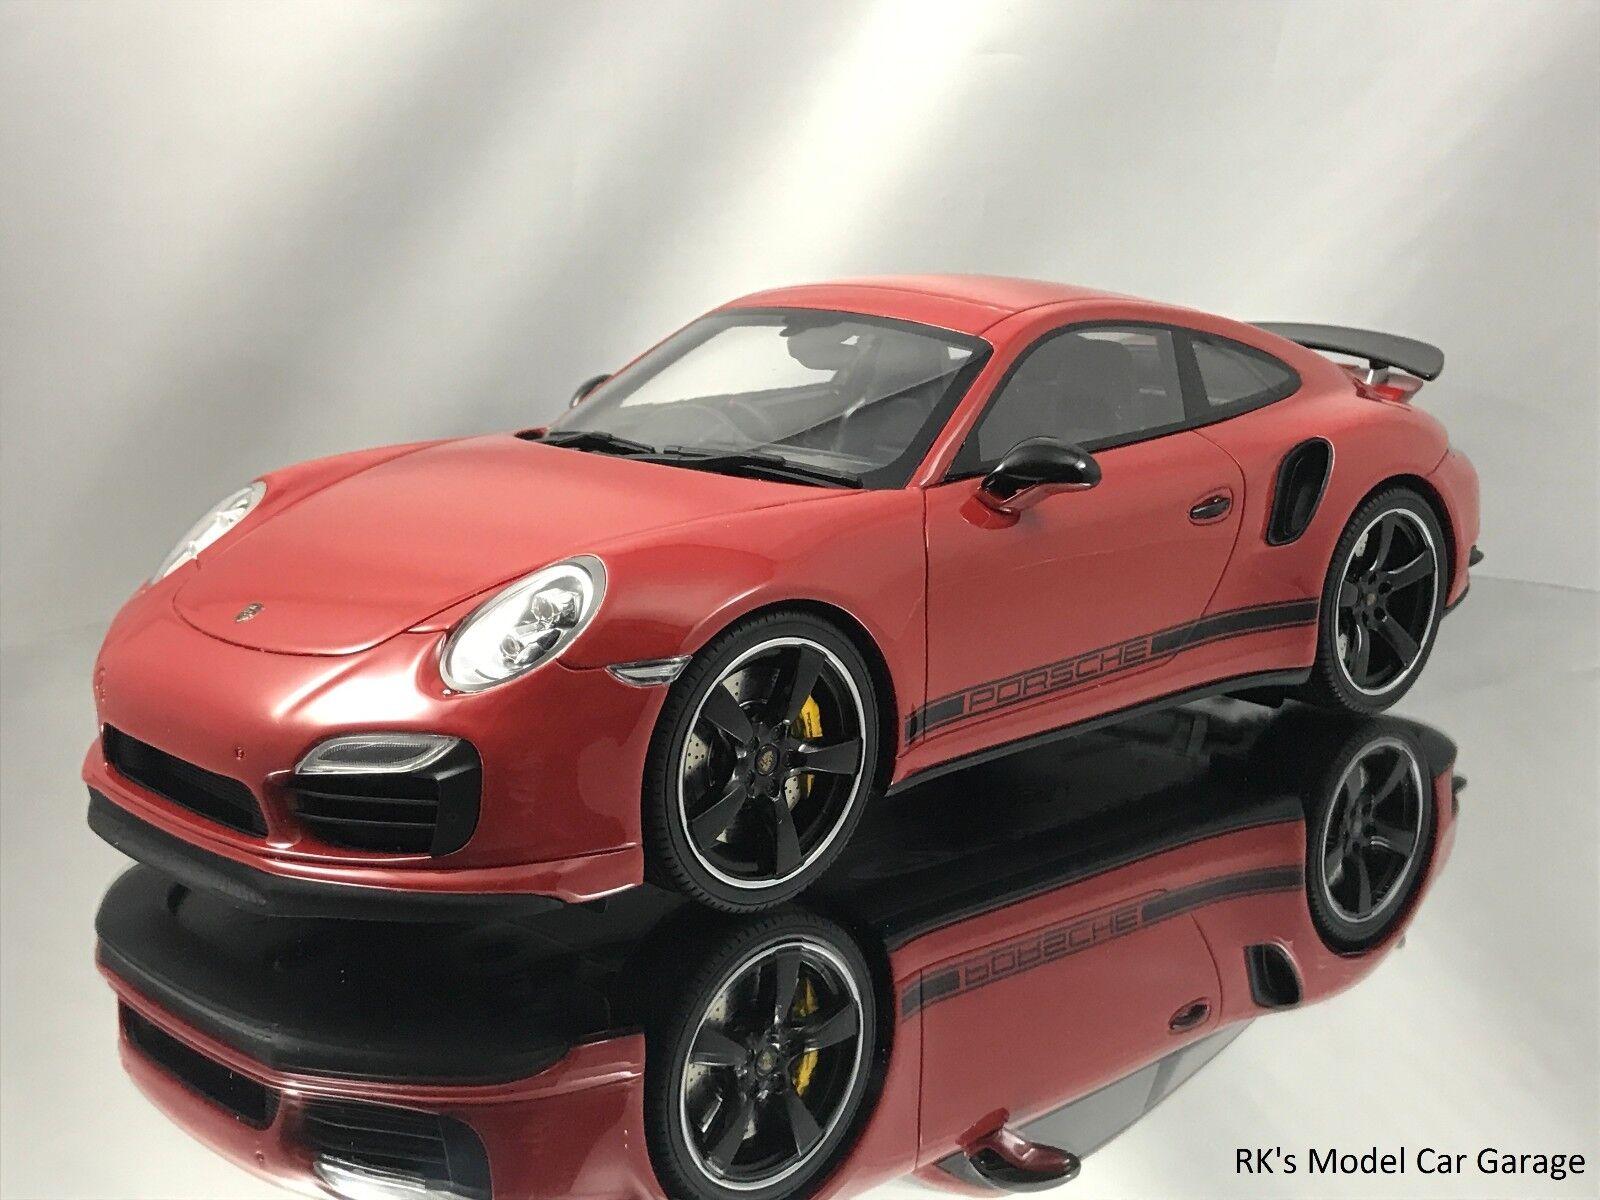 bellissima GT Spirit Porsche Porsche Porsche 911 (991) Turbos S Exclusive GB edizione Display Case rosso 1 18  buona qualità